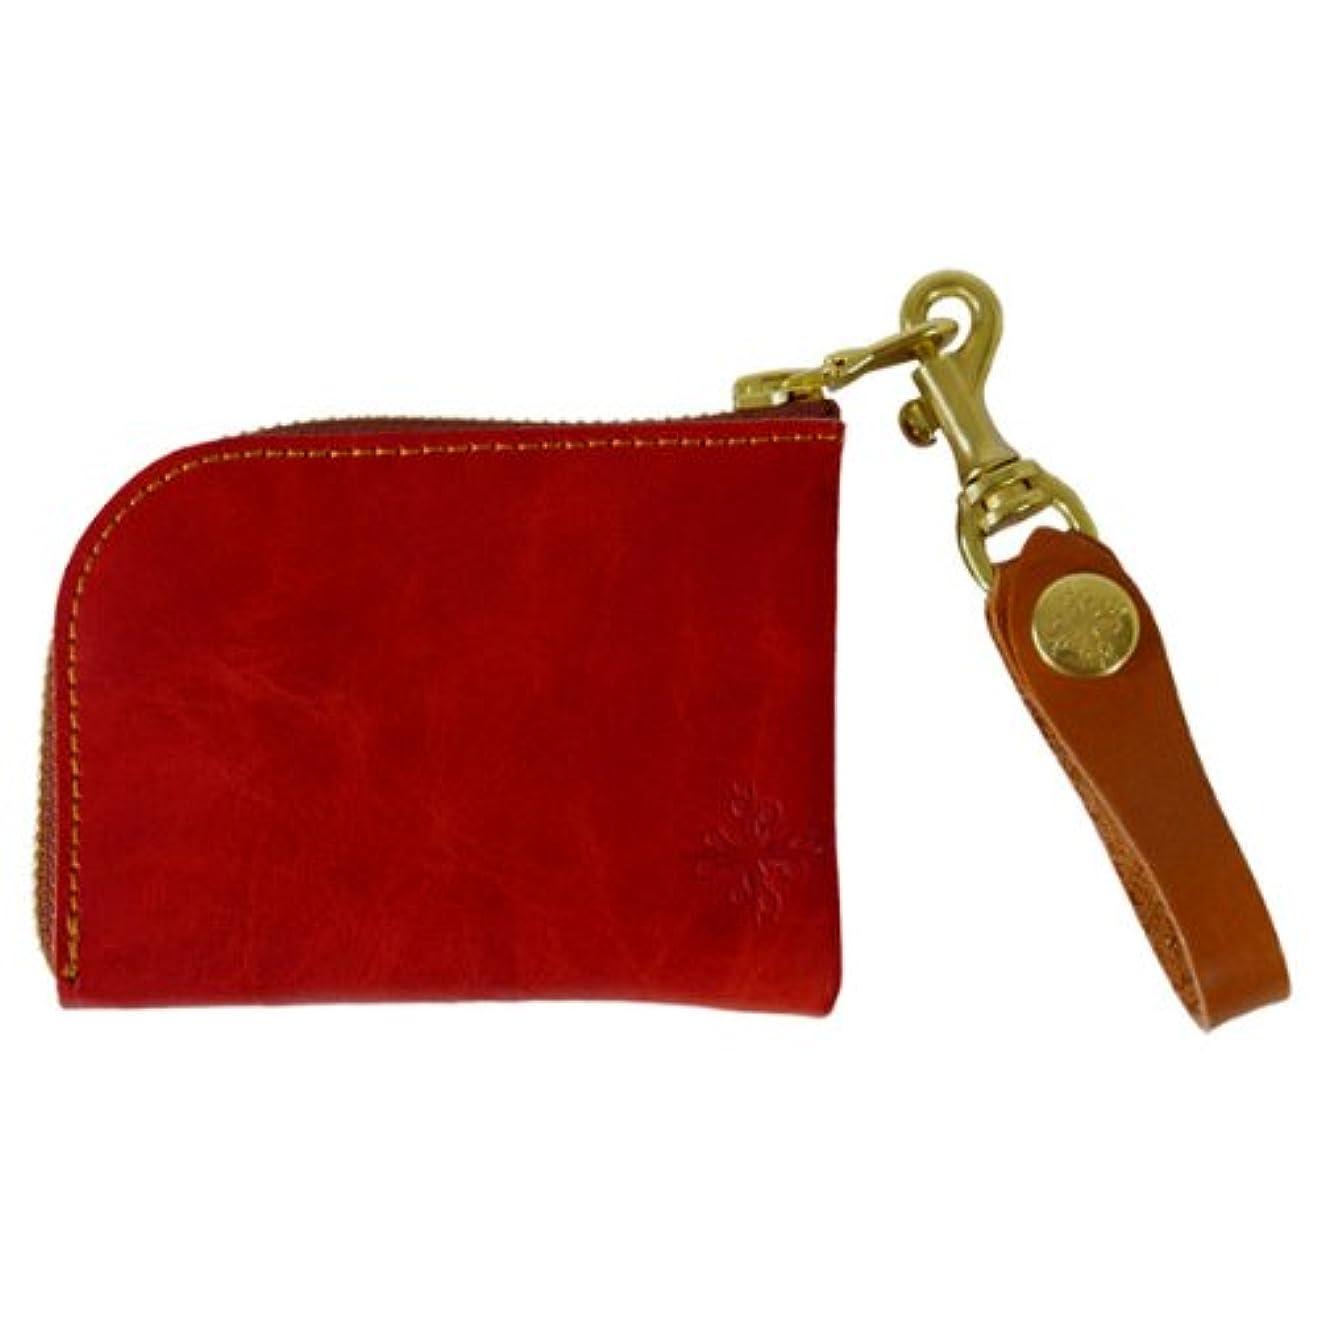 勧める空洞厚さアジリティ キップワックスアルジャン L型財布 Agility キップワックスシリーズ L字ファスナーコインケース レッド